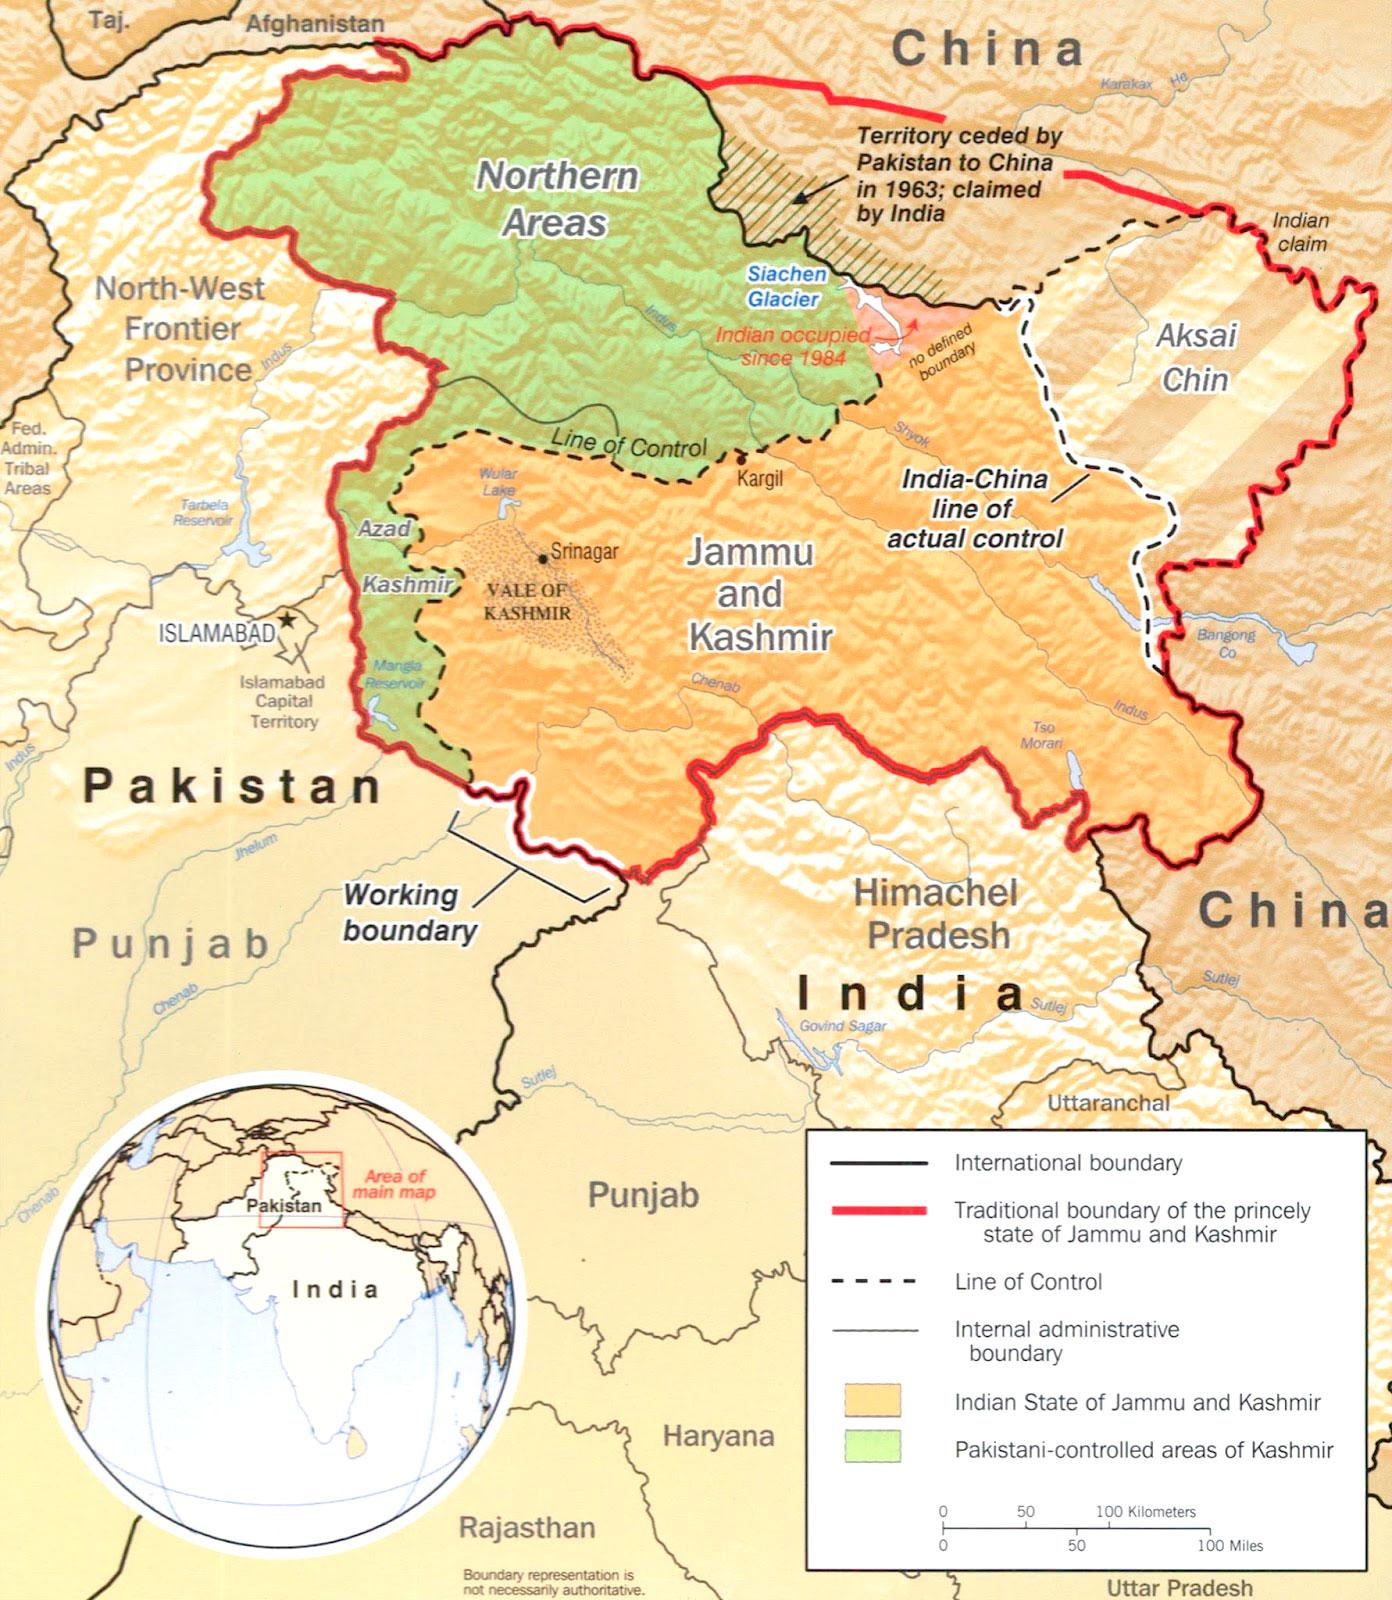 En Cachemira quienes se miran la cara son Estados Unidos y China (además de India y Pakistán).